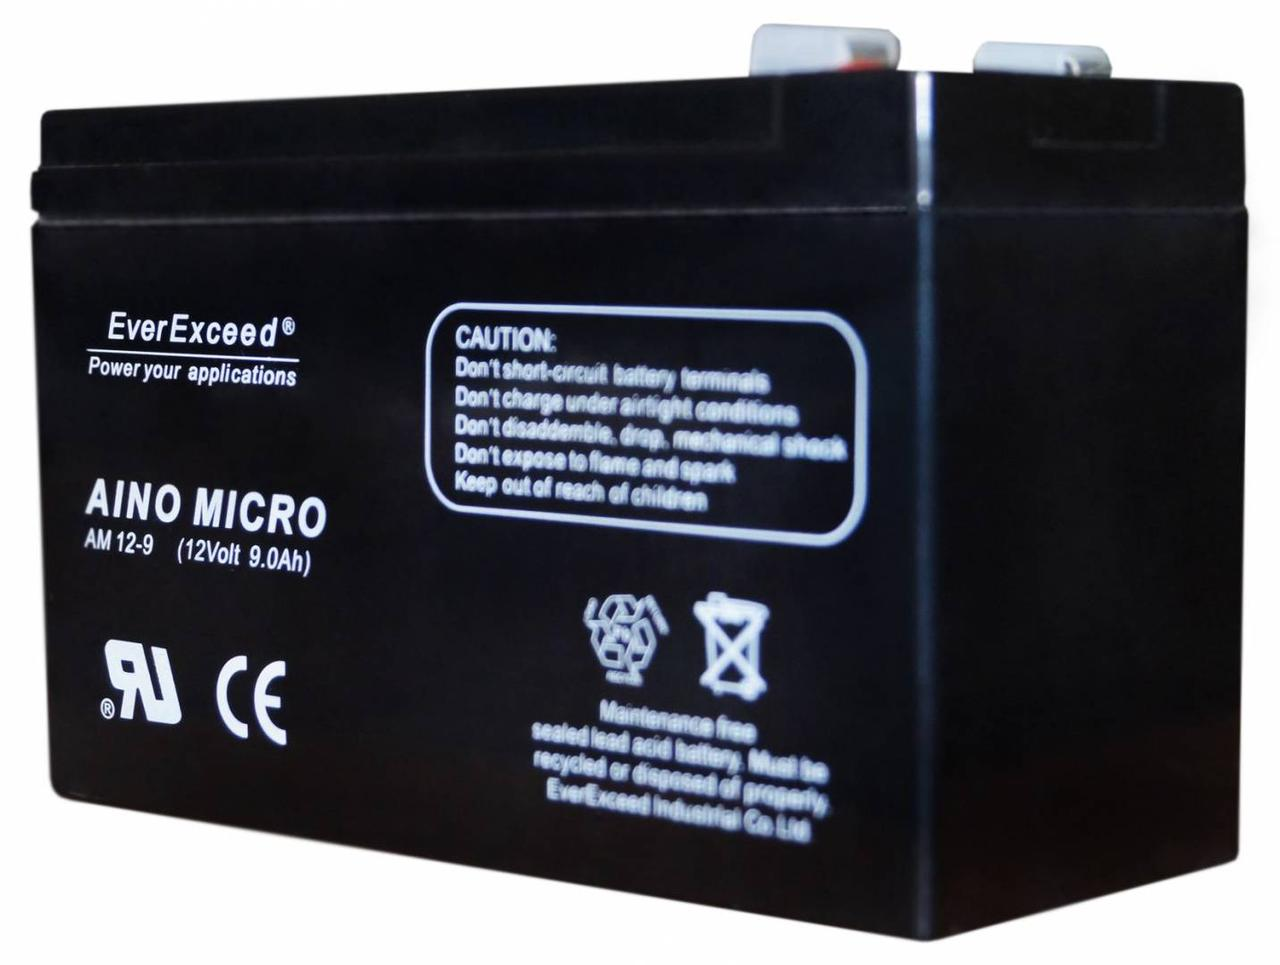 Аккумулятор EverExceed AM 12-9 (12В, 9Ач)